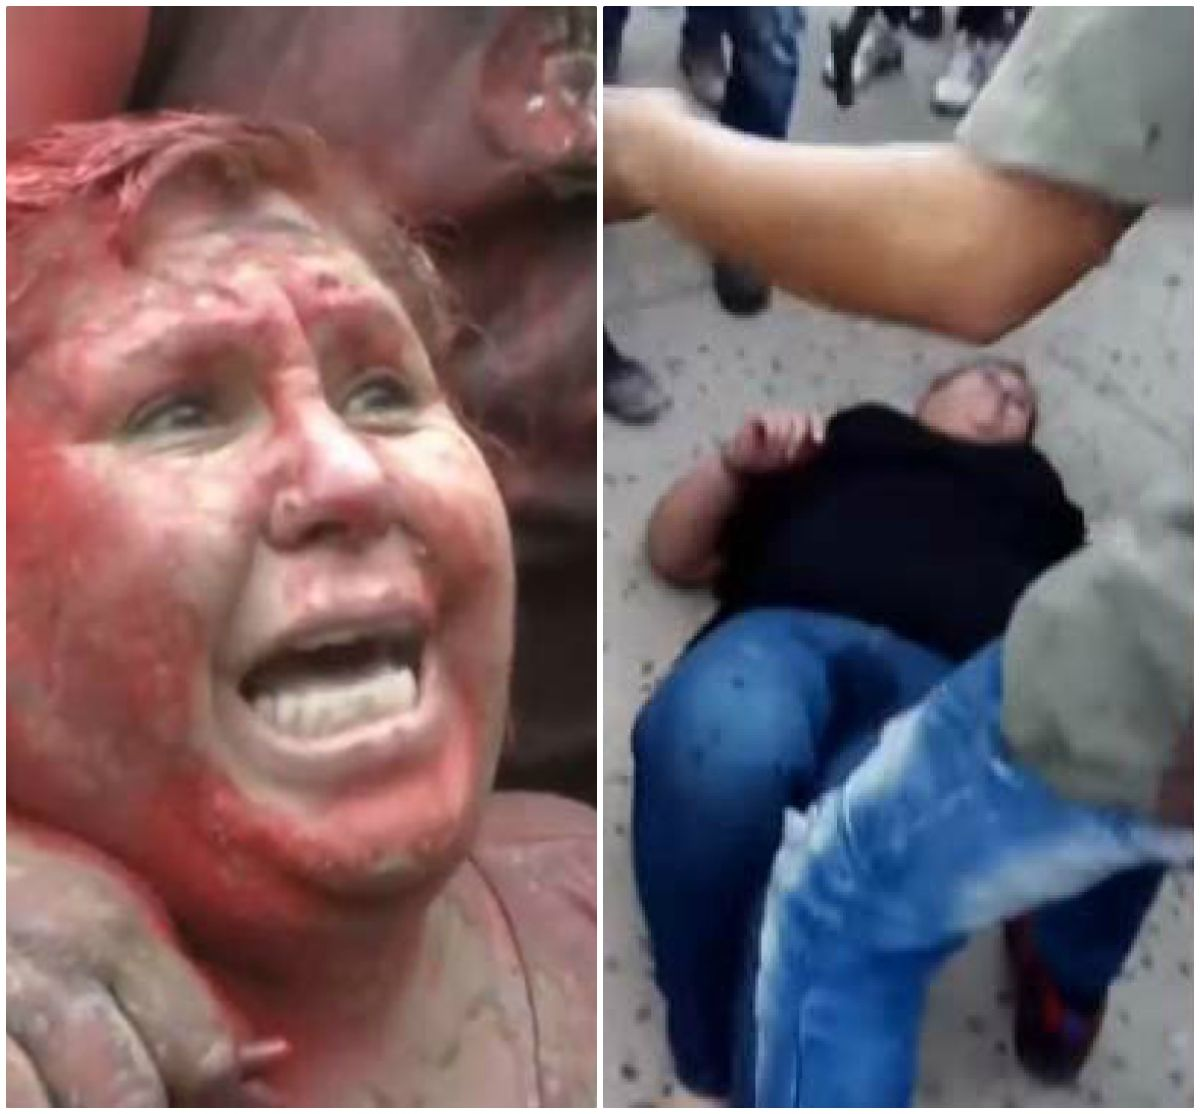 Turba arrastra a alcaldesa por la calle, la pintan de rojo y le cortan el pelo en medio de protestas en Bolivia